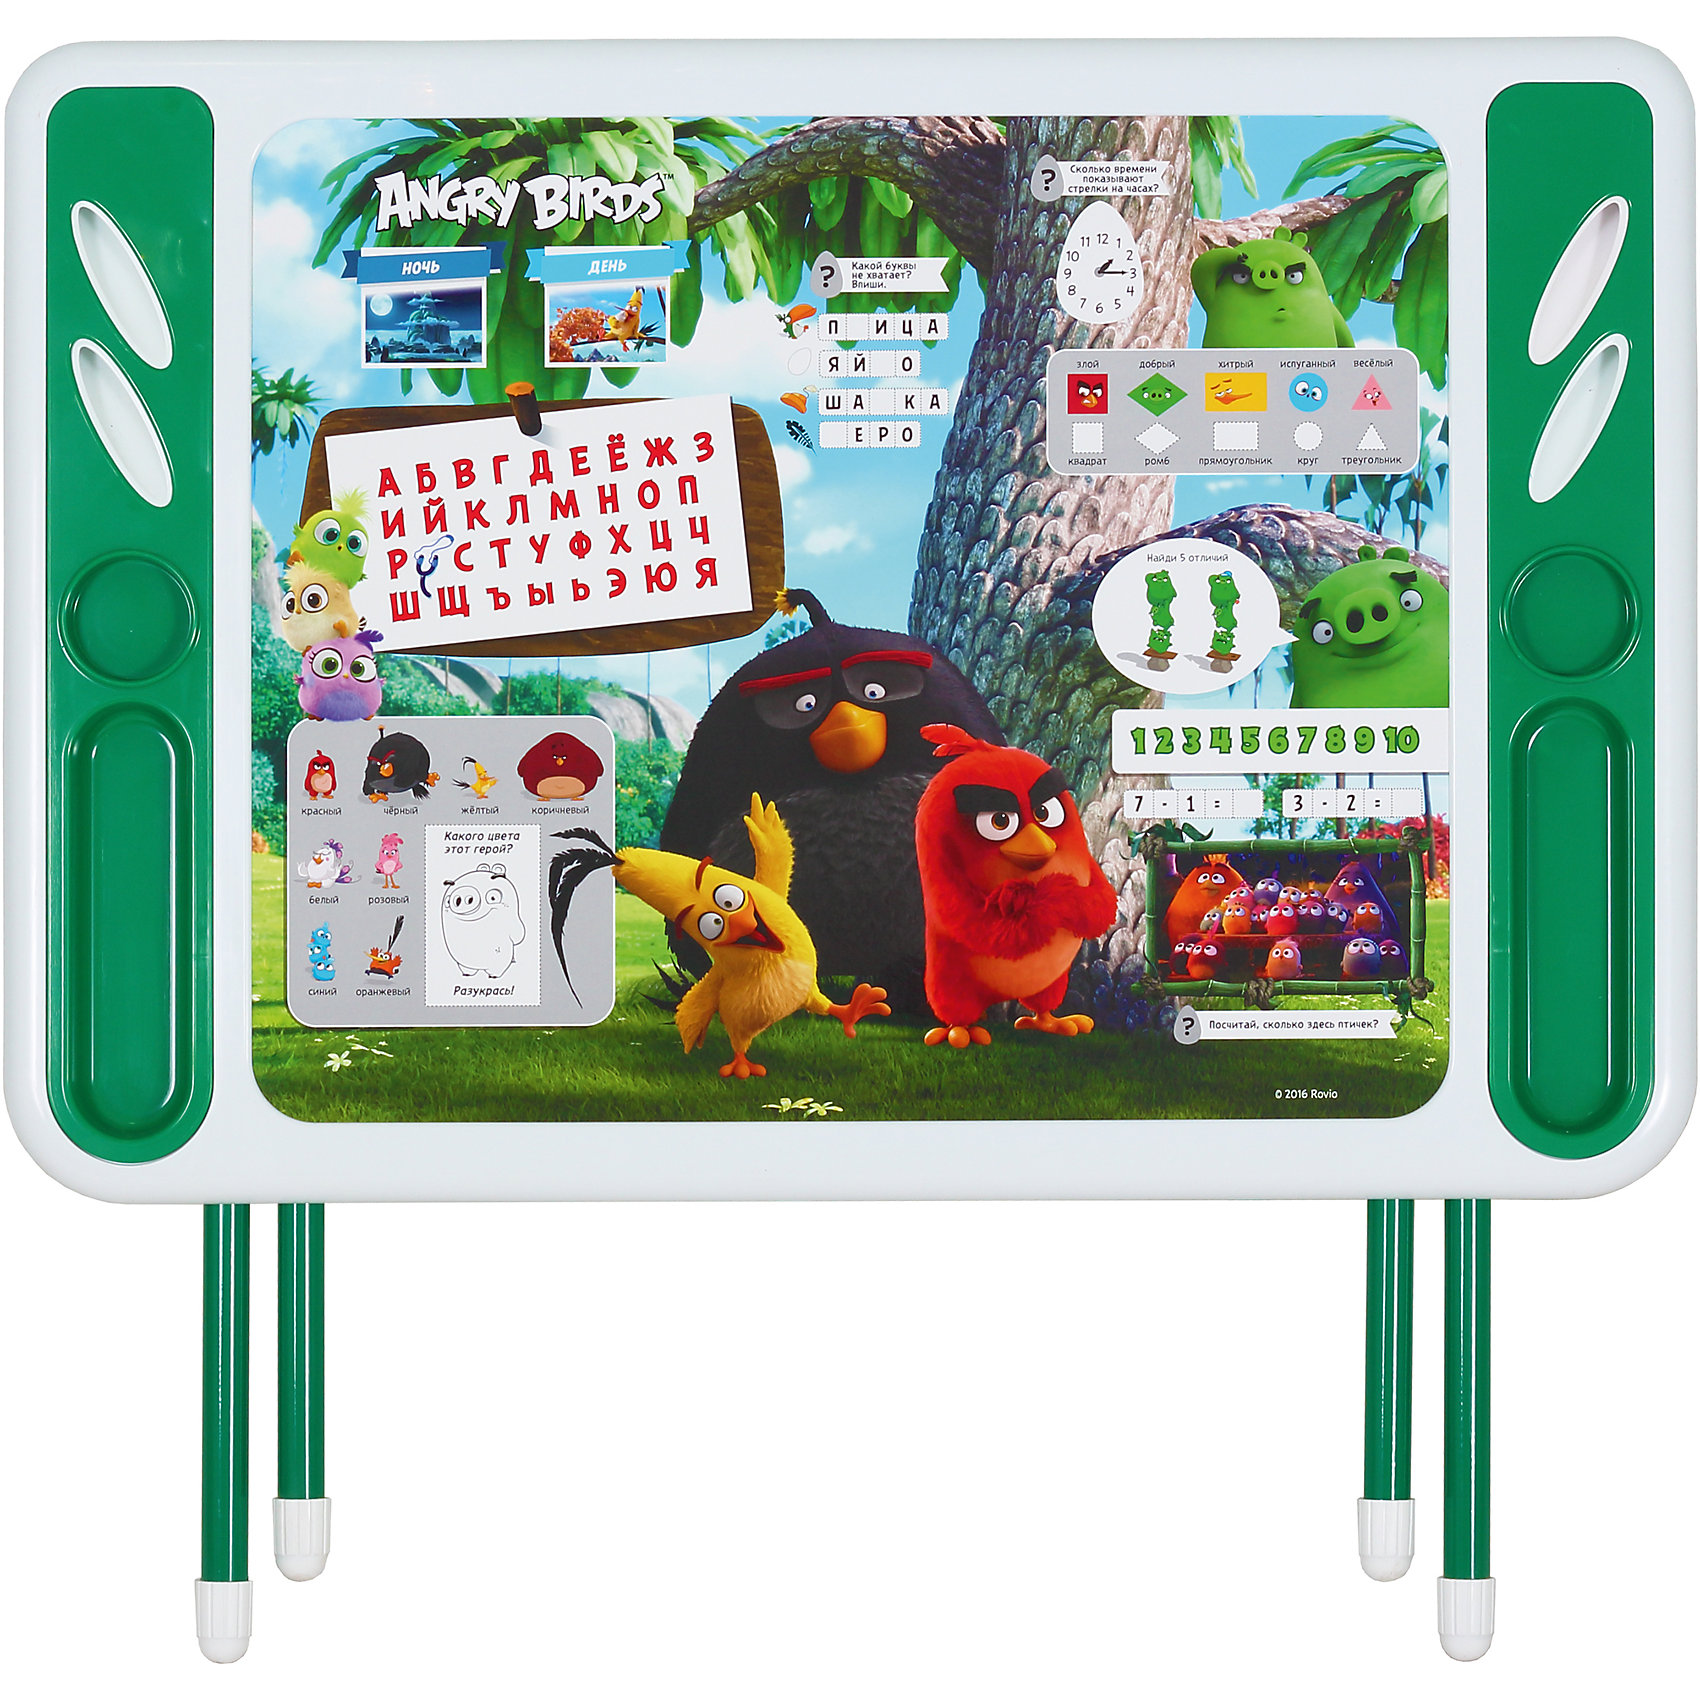 Набор складной мебели Энгри бердс, ДэмиМебель<br>Набор складной мебели Энгри бердс, Дэми.<br><br>Характеристики:<br><br>• Для детей в возрасте: от 3 до 7 лет<br>• В комплекте: складной стол и стульчик<br>• Материал: прочный пластик, металл<br>• Высота стола: 58 см.<br>• Размер упаковки: 82х79х14 см.<br>• Вес: 10,2 кг.<br><br>Комплект складной мебели 3 ростовой группы (для детей 3-7 лет) прекрасно впишется в интерьер любой детской. Стол, фактически, представляет собой 3 в 1: можно играть, можно есть, можно обучаться! На поверхность столешницы нанесены обучающие рисунки и любимые персонажи компьютерной игры Энгри бердс . Ваш ребенок выучит алфавит и цифры от 1 до 10, познакомится с геометрическими фигурами, узнает о частях суток (день, ночь). По краям столешницы расположены органайзеры для канцелярских принадлежностей, а также пазы-держатели для стаканчиков. Все материалы, используемые при изготовлении набора, соответствуют ГОСТам, и абсолютно безопасны для здоровья Вашего малыша. Рабочая поверхность стола, сиденье и спинка стула сделаны из прочной пластмассы, края закруглены. Устойчивые металлические ножки имеют пластмассовые заглушки. Кроме этого, за мебелью очень легко ухаживать. Вы сможете приучать ребенка к порядку с самых ранних лет. Детям наверняка очень понравится этот комплект - настоящий детский рабочий кабинет, а родители, несомненно, оценят его компактность.<br><br>Набор складной мебели Энгри бердс, Дэми можно купить в нашем интернет-магазине.<br><br>Ширина мм: 820<br>Глубина мм: 790<br>Высота мм: 140<br>Вес г: 10200<br>Возраст от месяцев: 36<br>Возраст до месяцев: 84<br>Пол: Унисекс<br>Возраст: Детский<br>SKU: 5569674